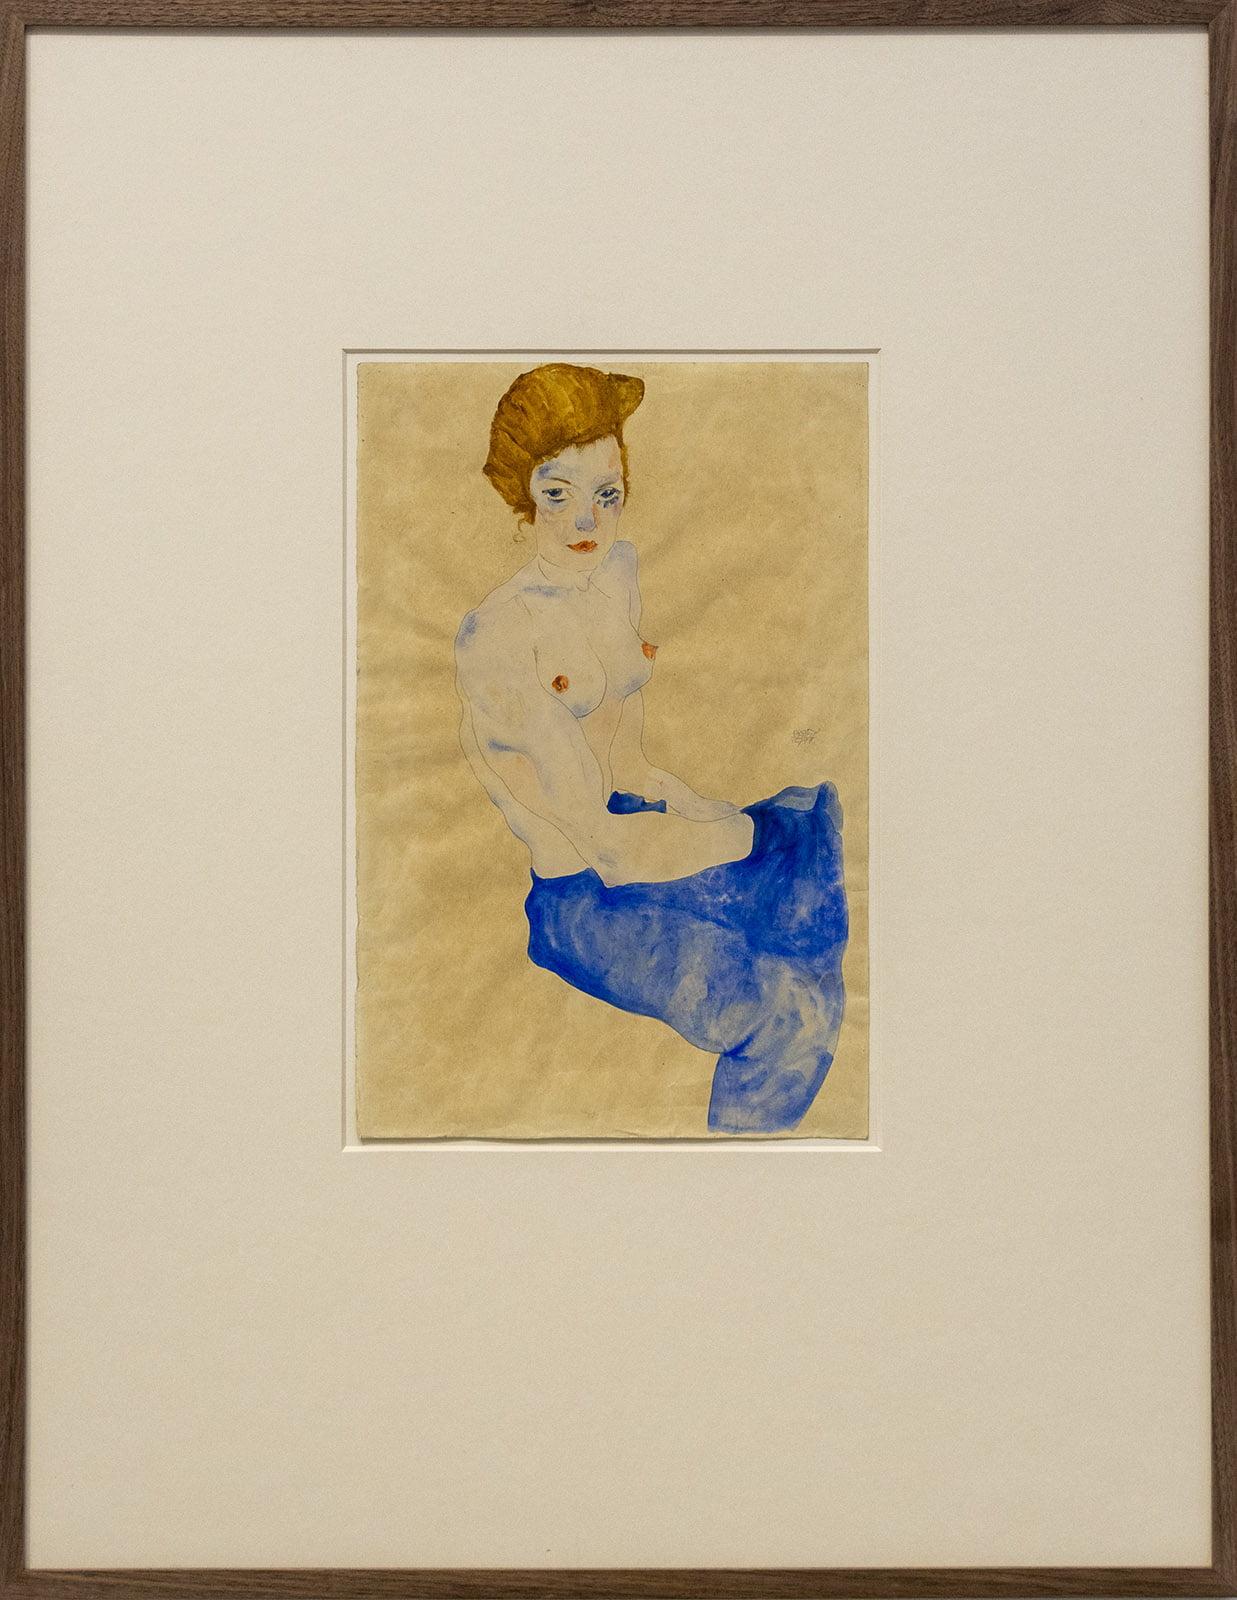 Kunstmuseum, Den Haag, Edith, Judith, Schiele